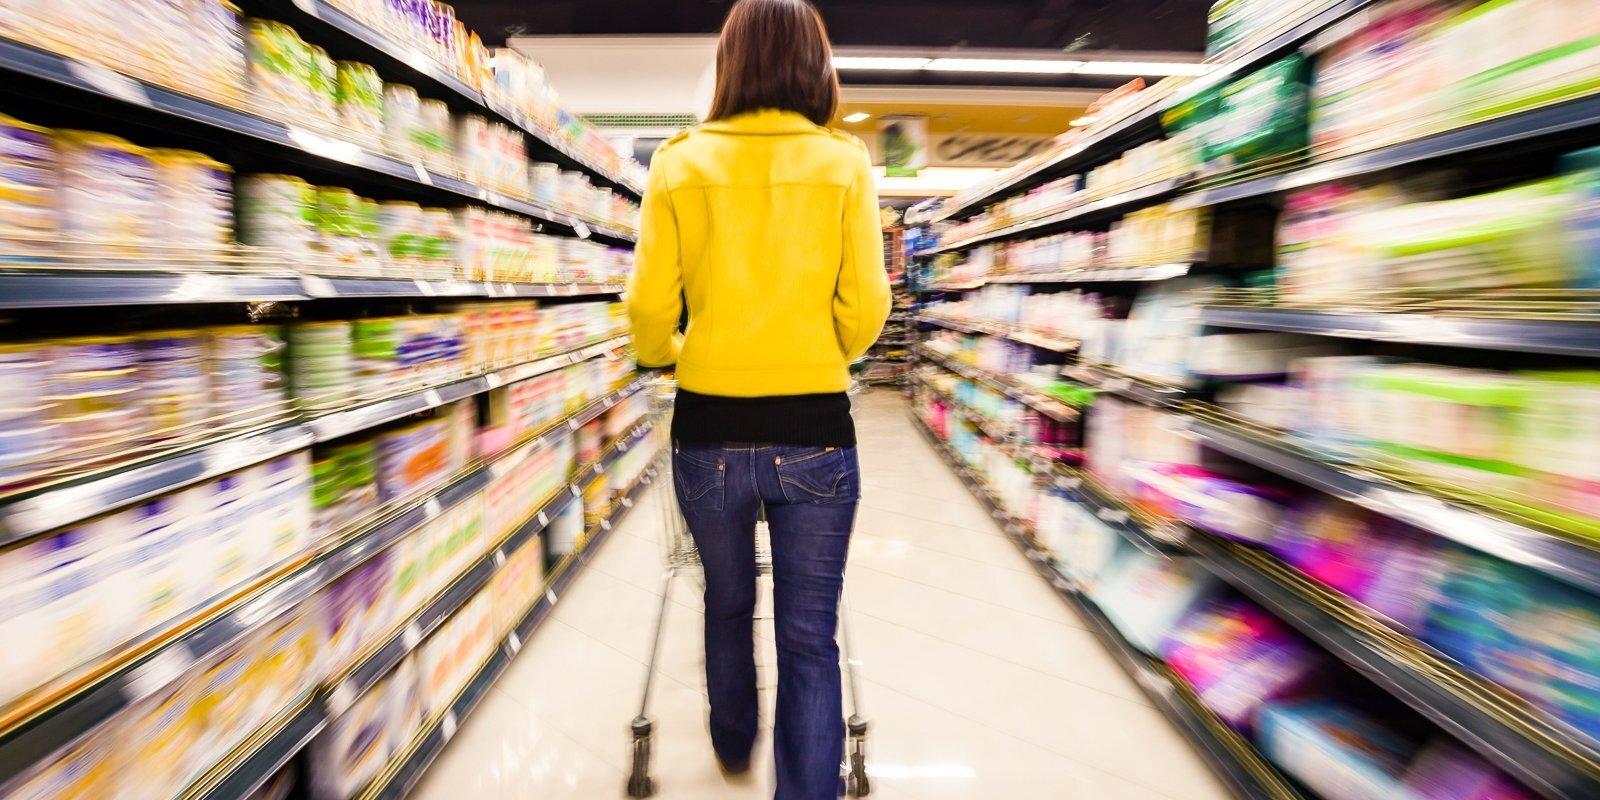 Maciņš kļūs plānāks – ražotāji brīdina par pārtikas produktu sadārdzināšanos